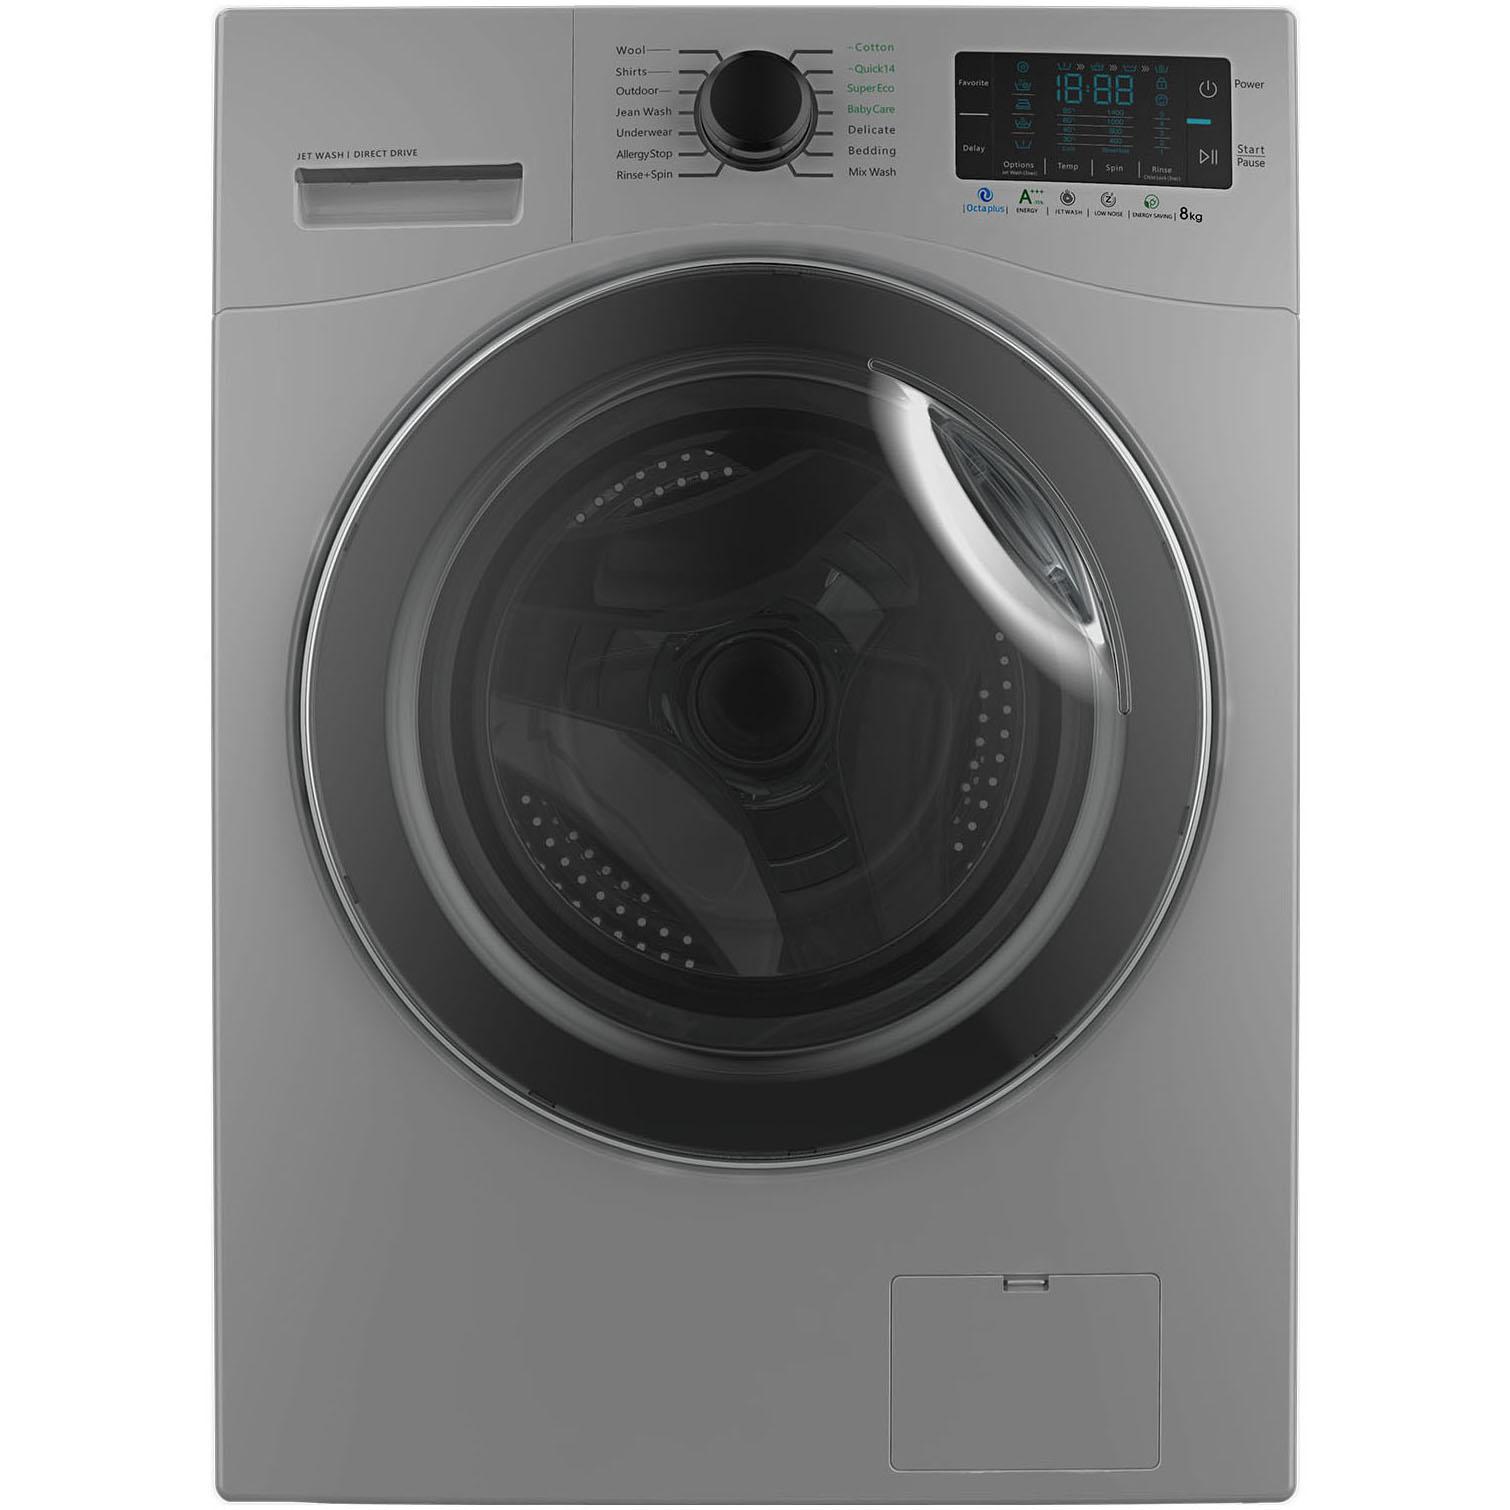 فروش نقدی و اقساطی ماشین لباسشویی اسنوا مدل SWM-84518 ظرفیت 8 کیلوگرم